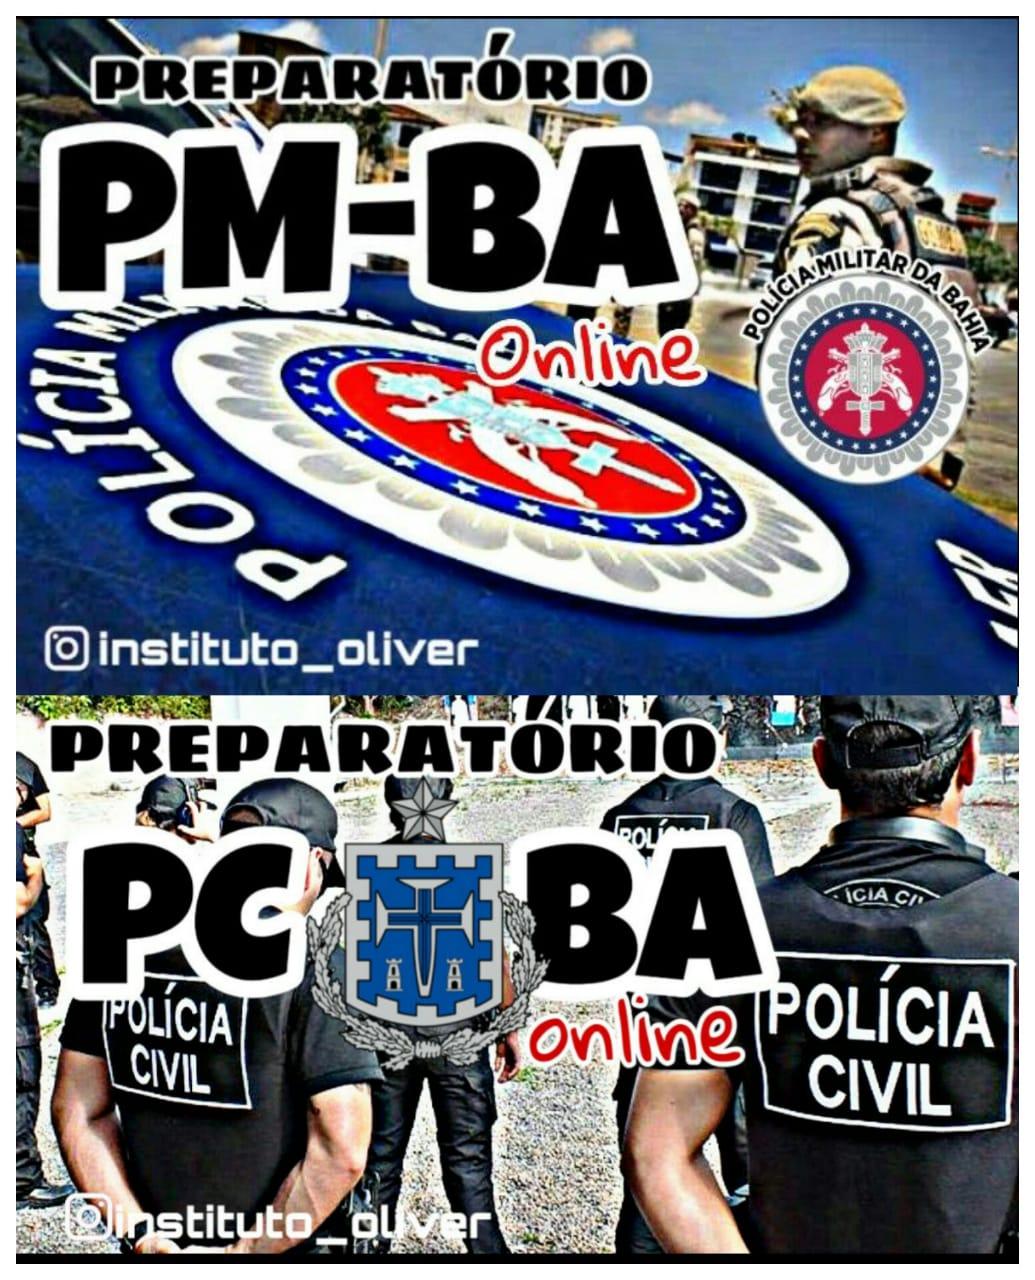 Pmgo Soldado Preparatório On Line Completo De R 199 99 Por R 69 90 Mateus Cardoso Oliveira Learn A New Skill Online Courses Members